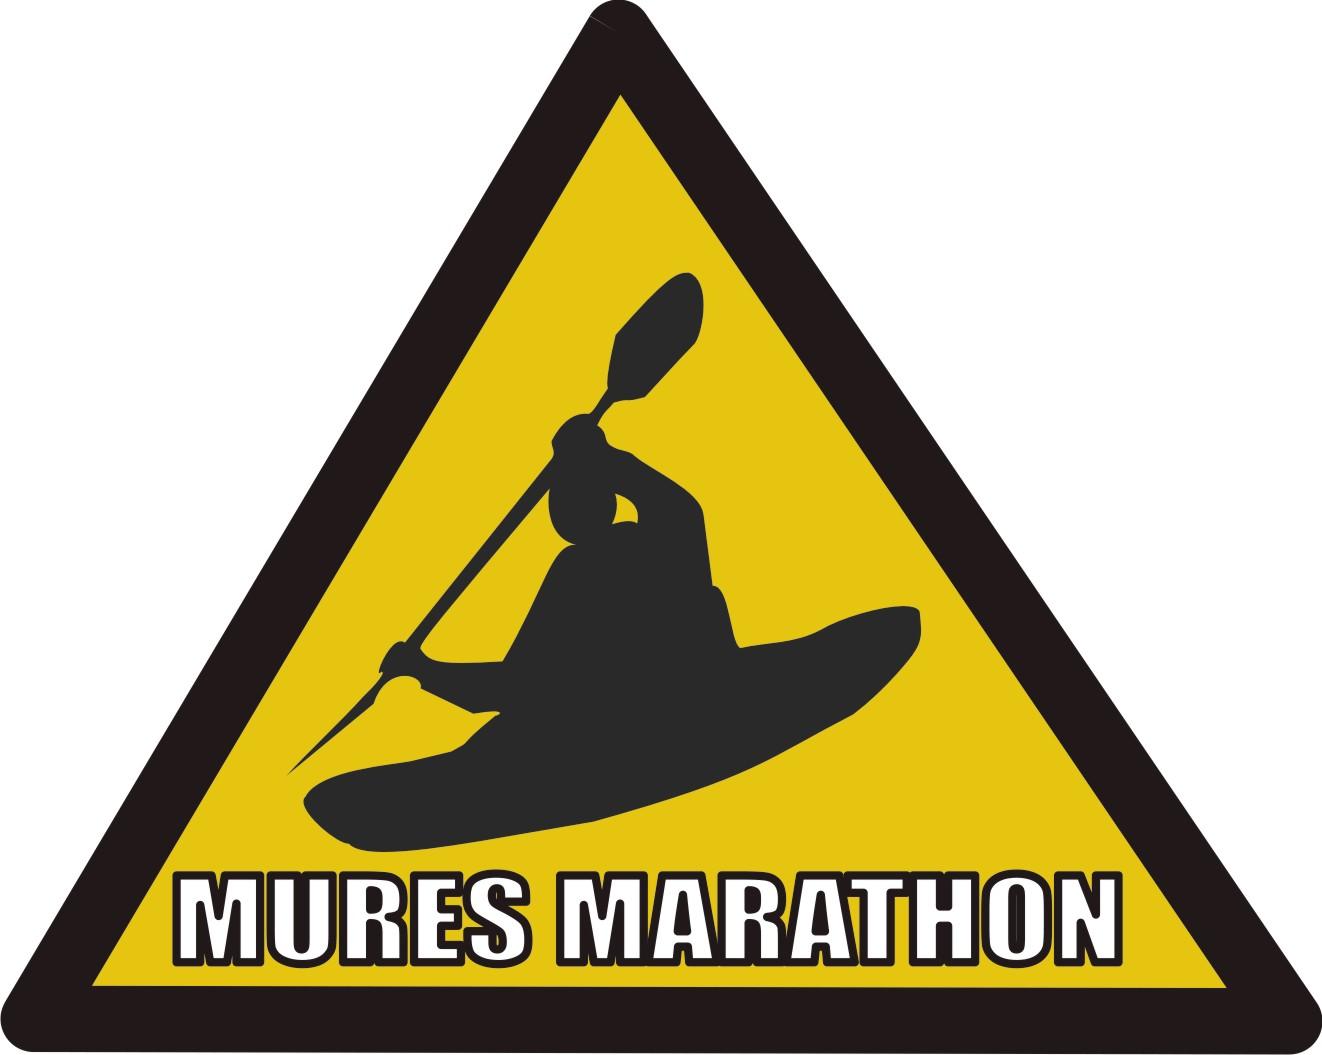 Mures Marathon Third Edition